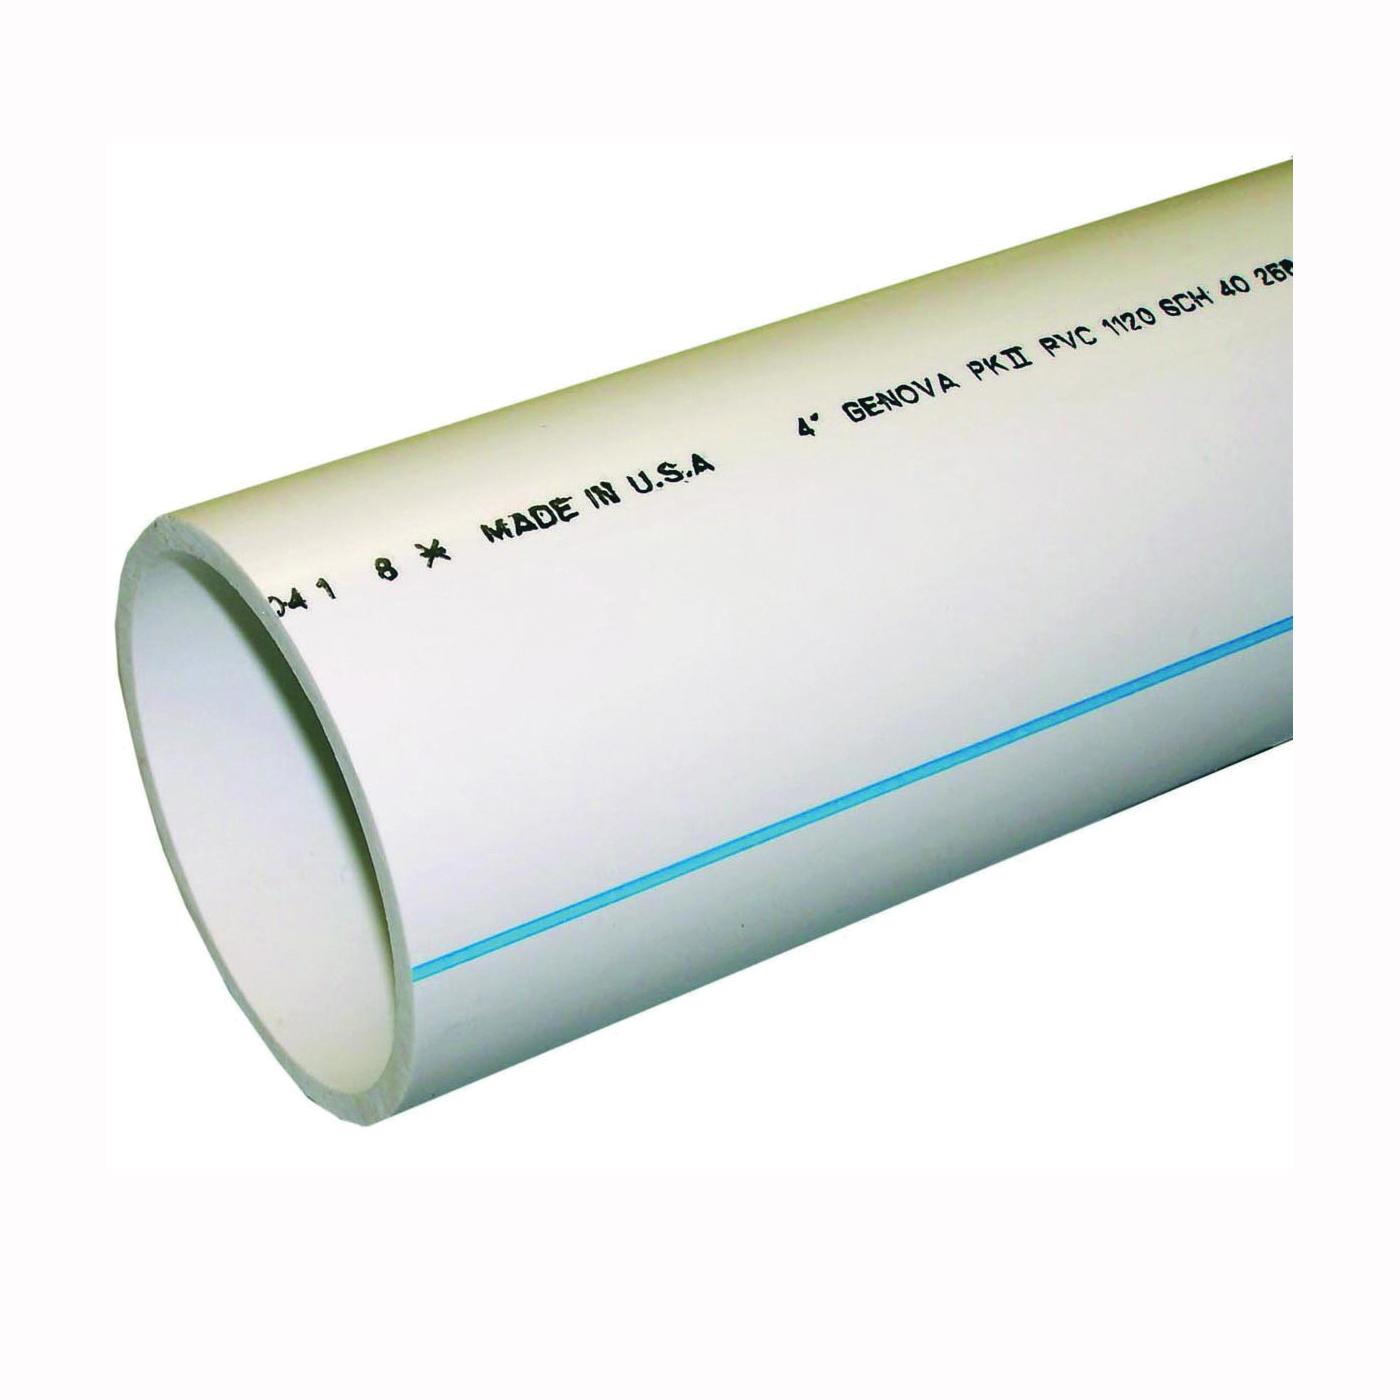 Picture of GENOVA 700412 Cut Pipe, 2 ft L, SCH 40 Schedule